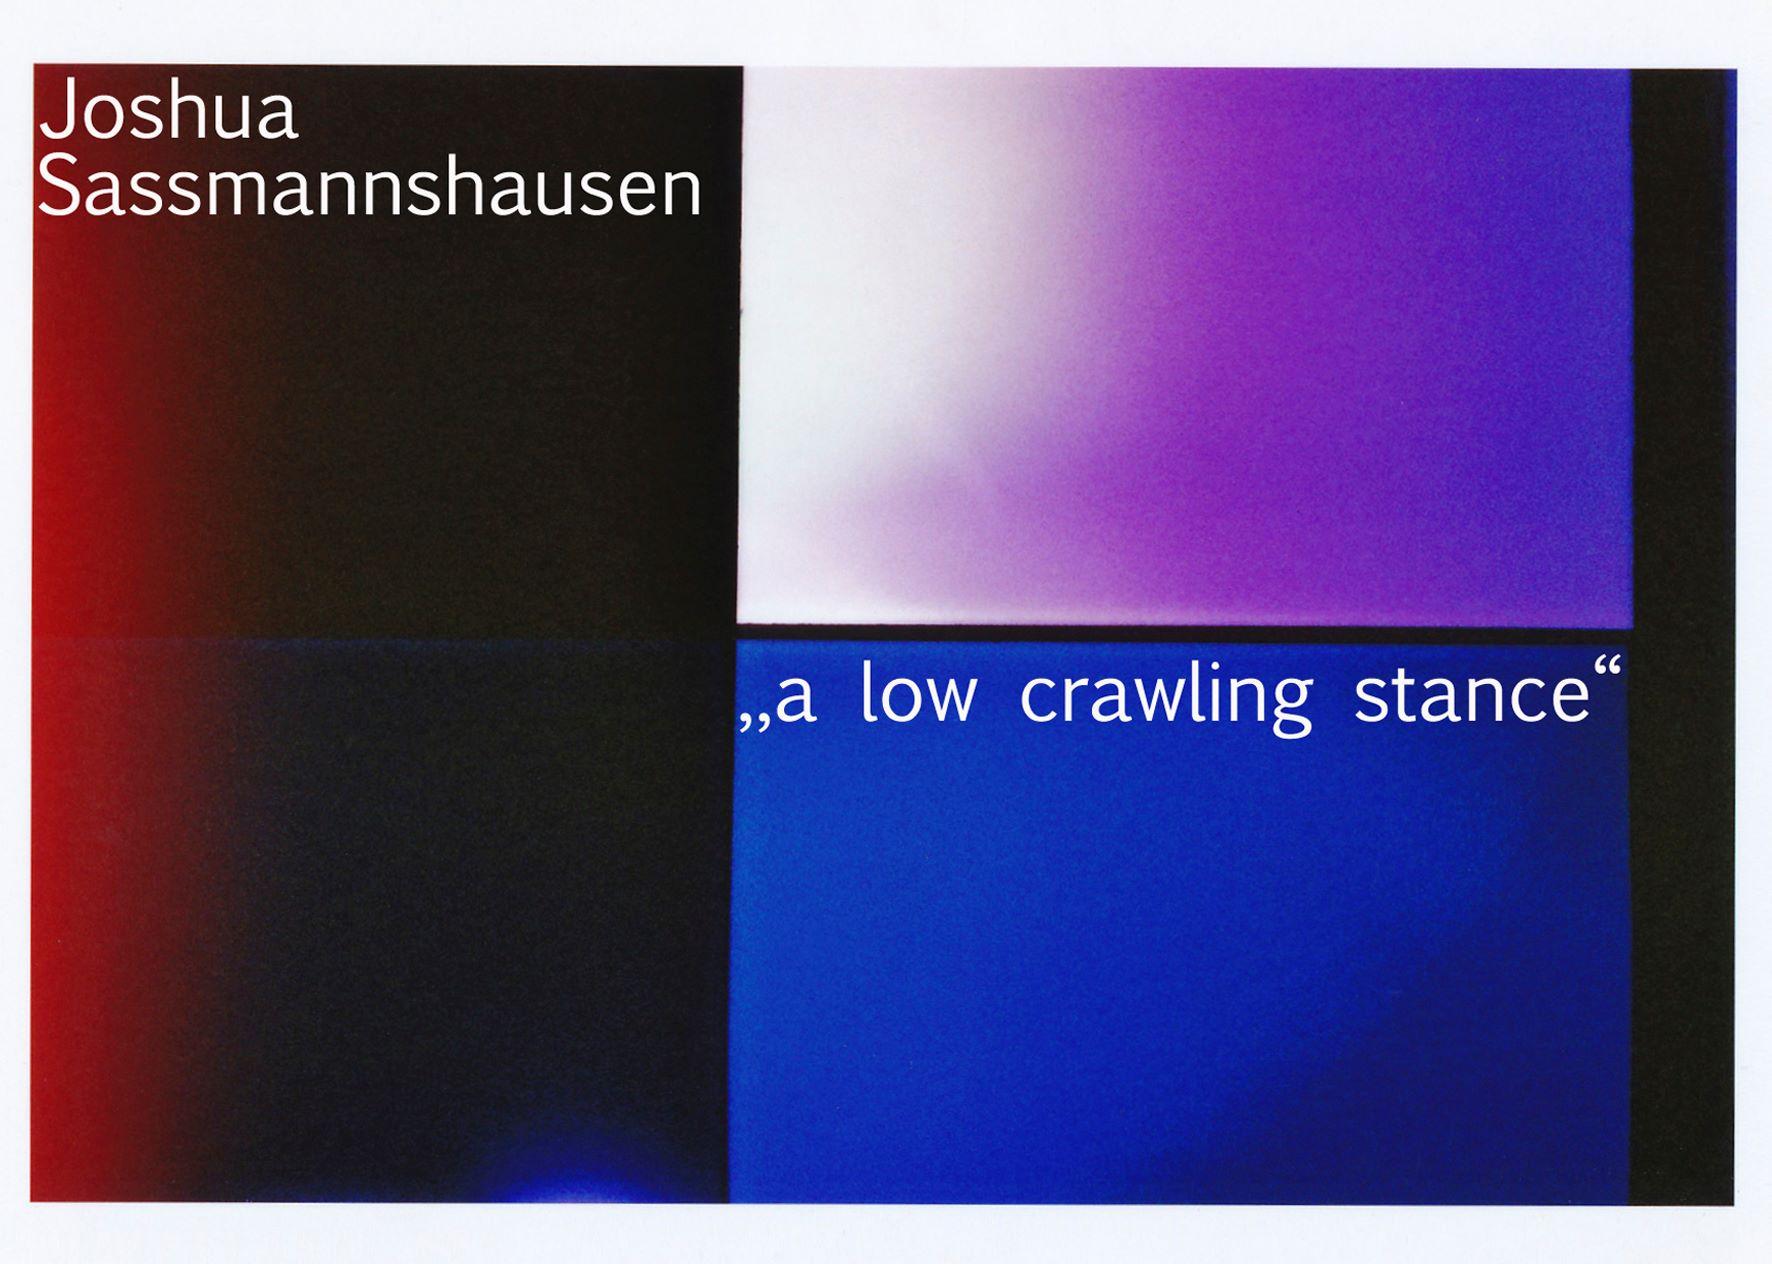 Joshua Sassmannshausen_elektrohaus